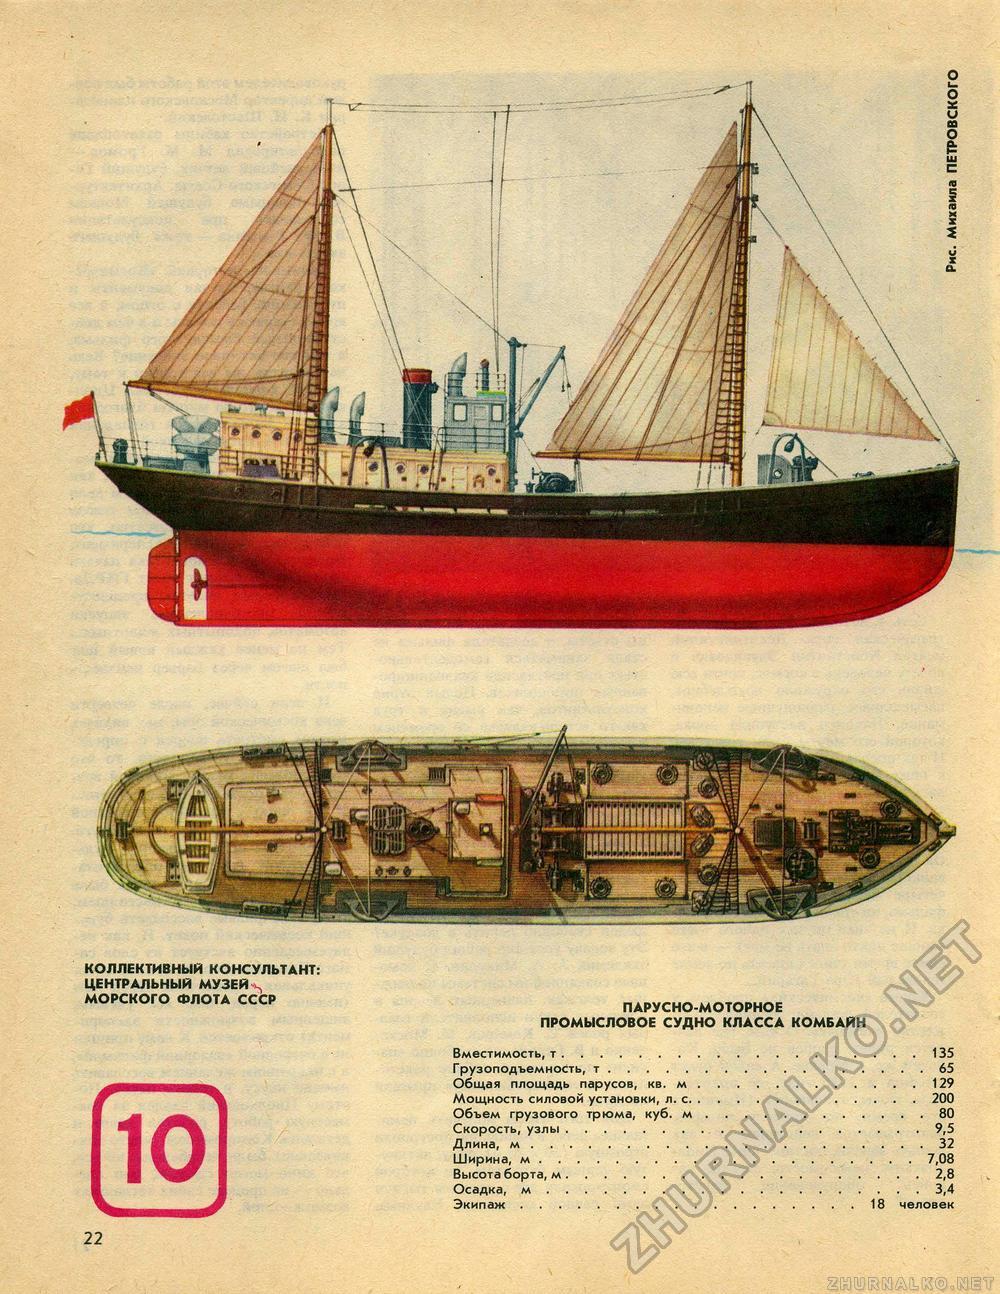 судов не является промысловым рыболовным